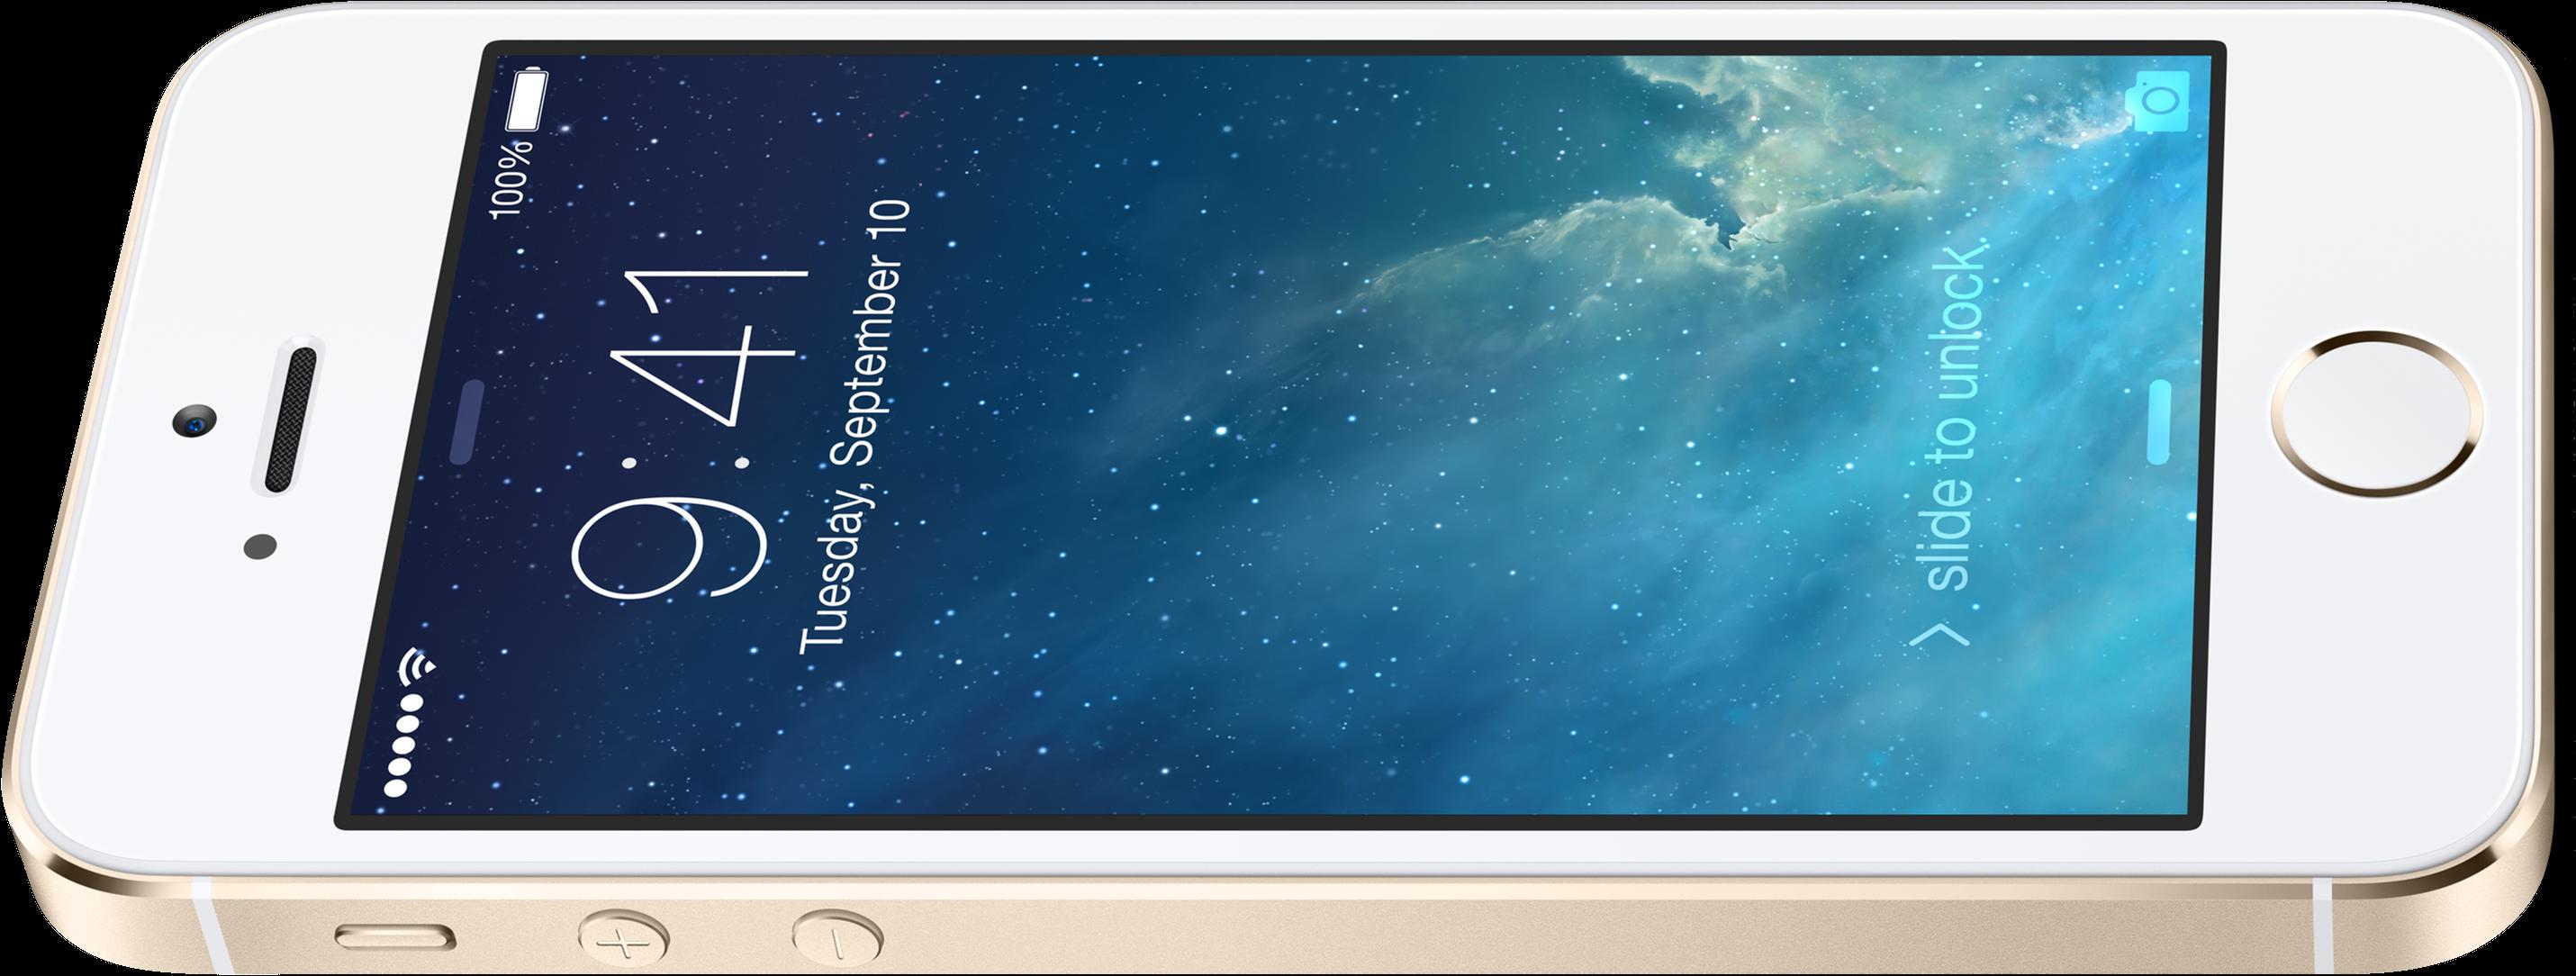 Samsung boi się kolejnych oskarżeń o kopiowanie Apple. I to widać